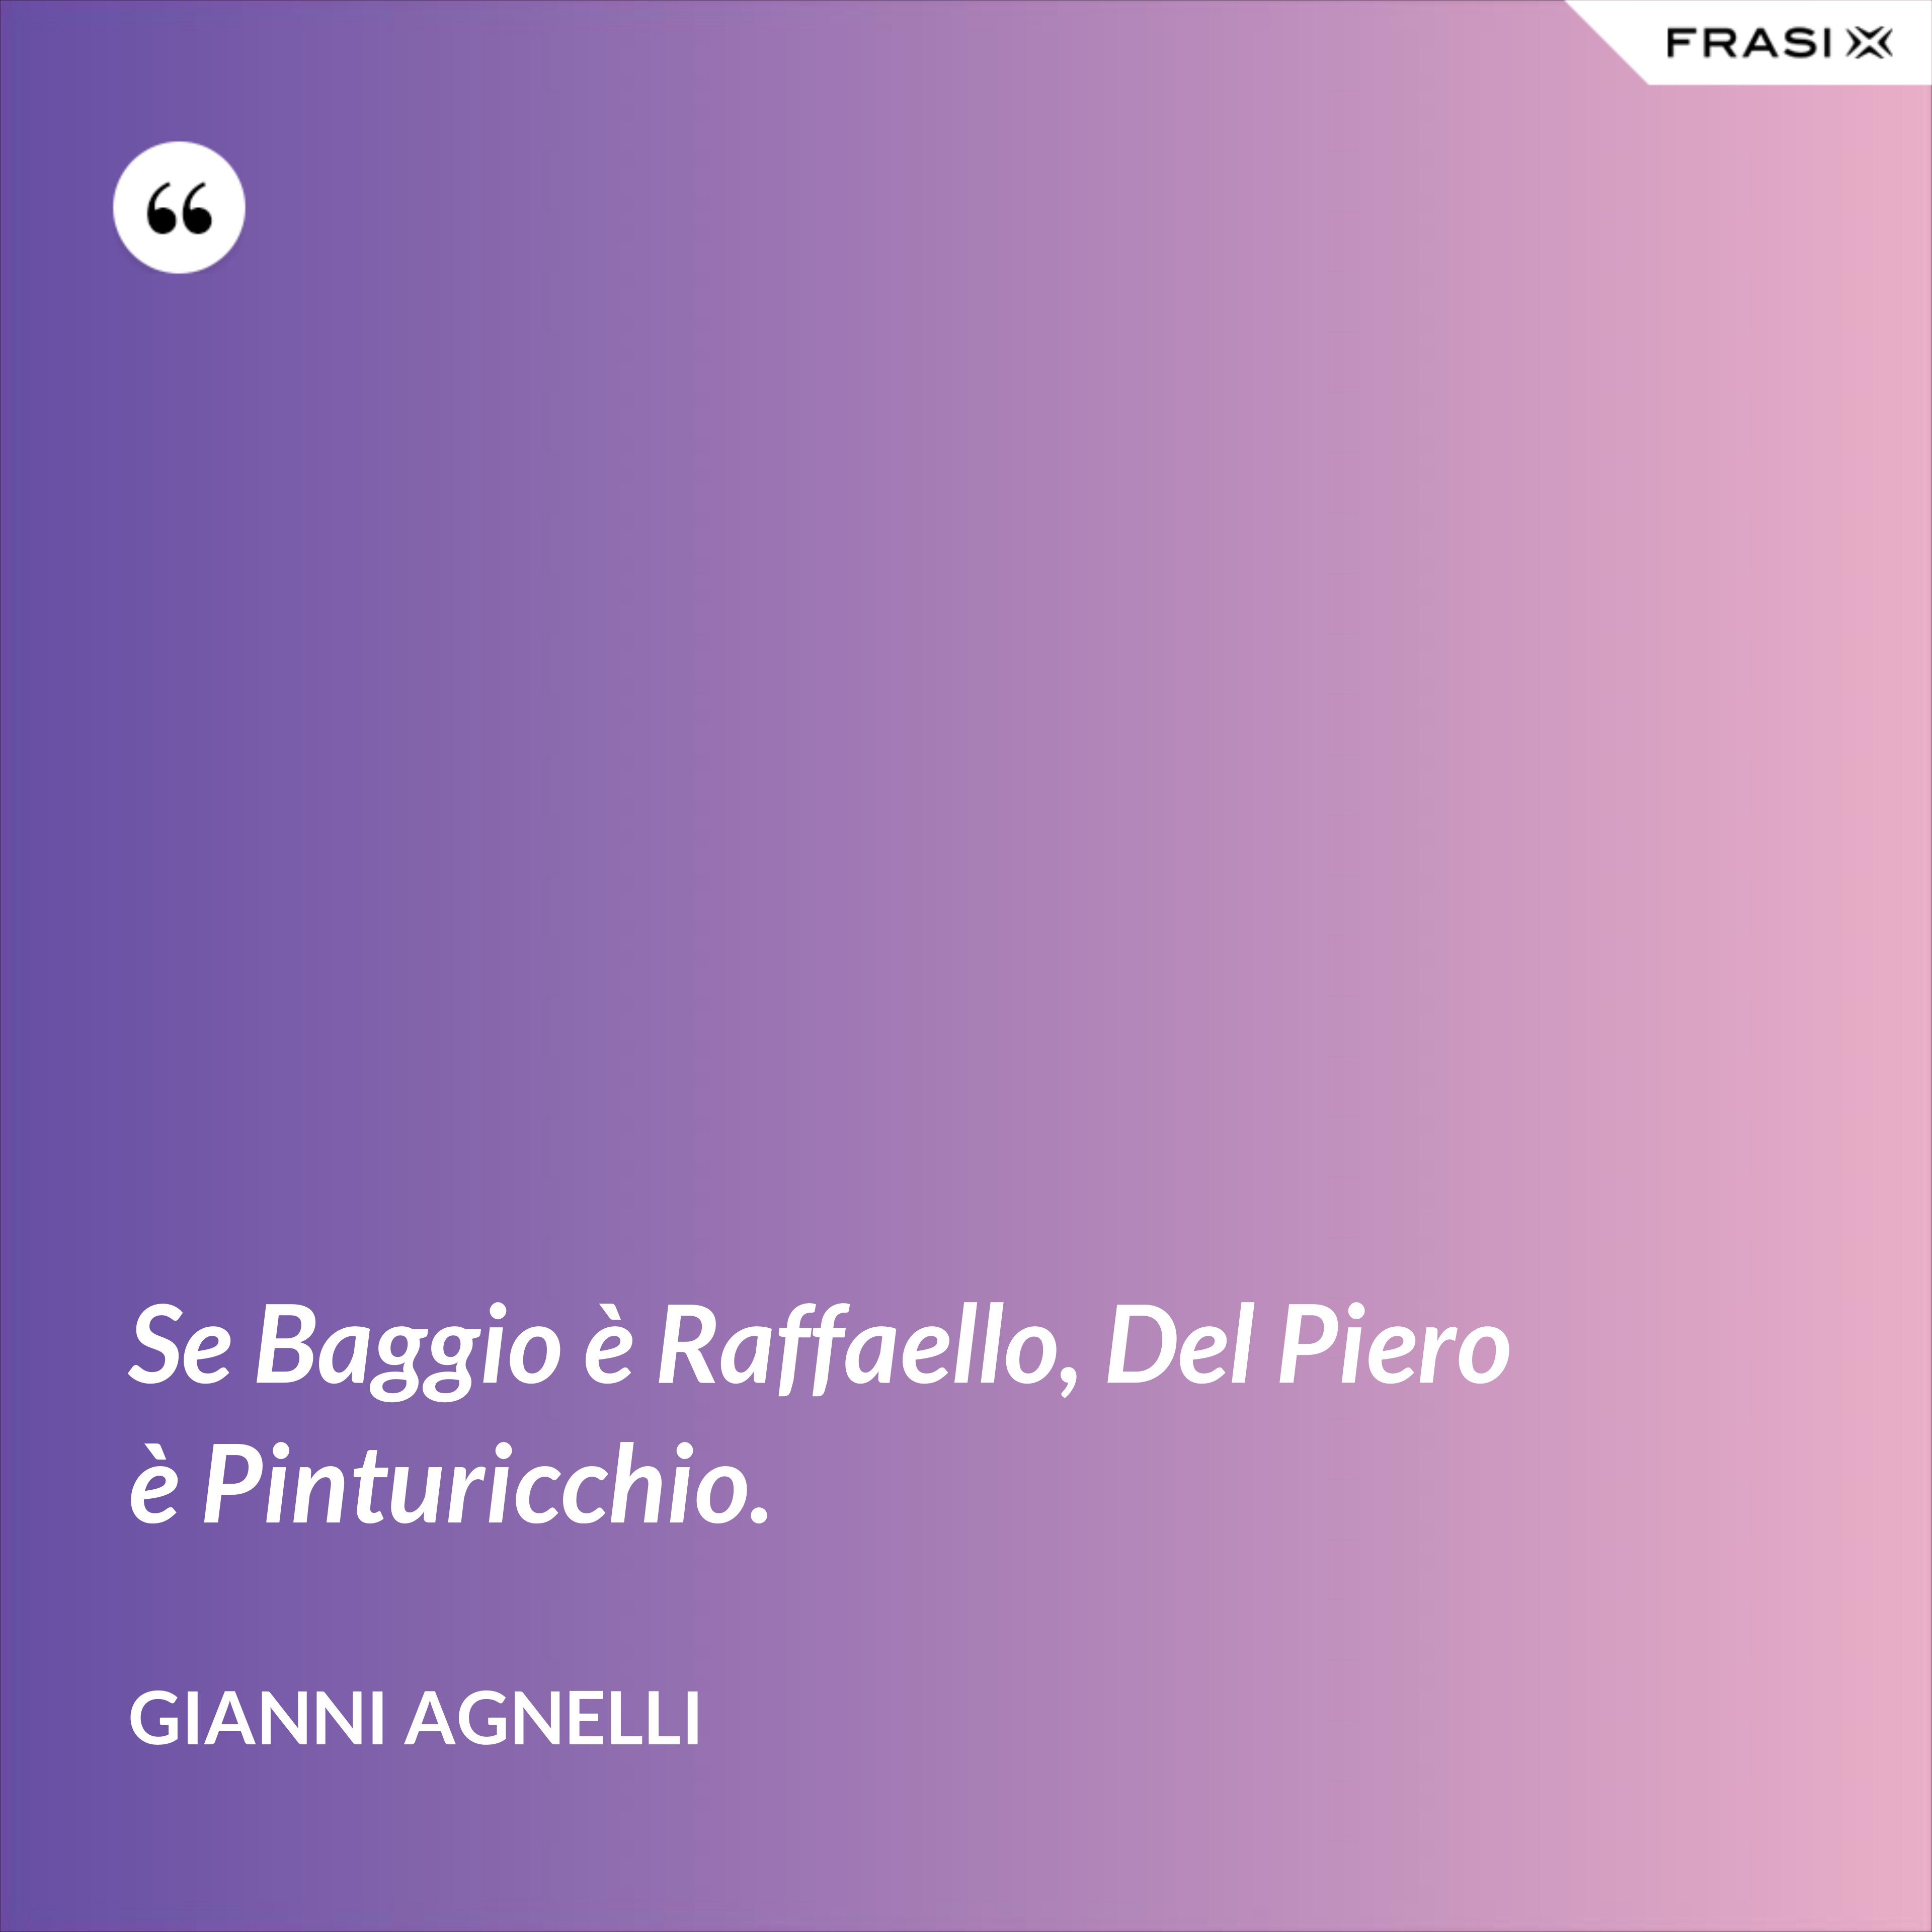 Se Baggio è Raffaello, Del Piero è Pinturicchio. - Gianni Agnelli